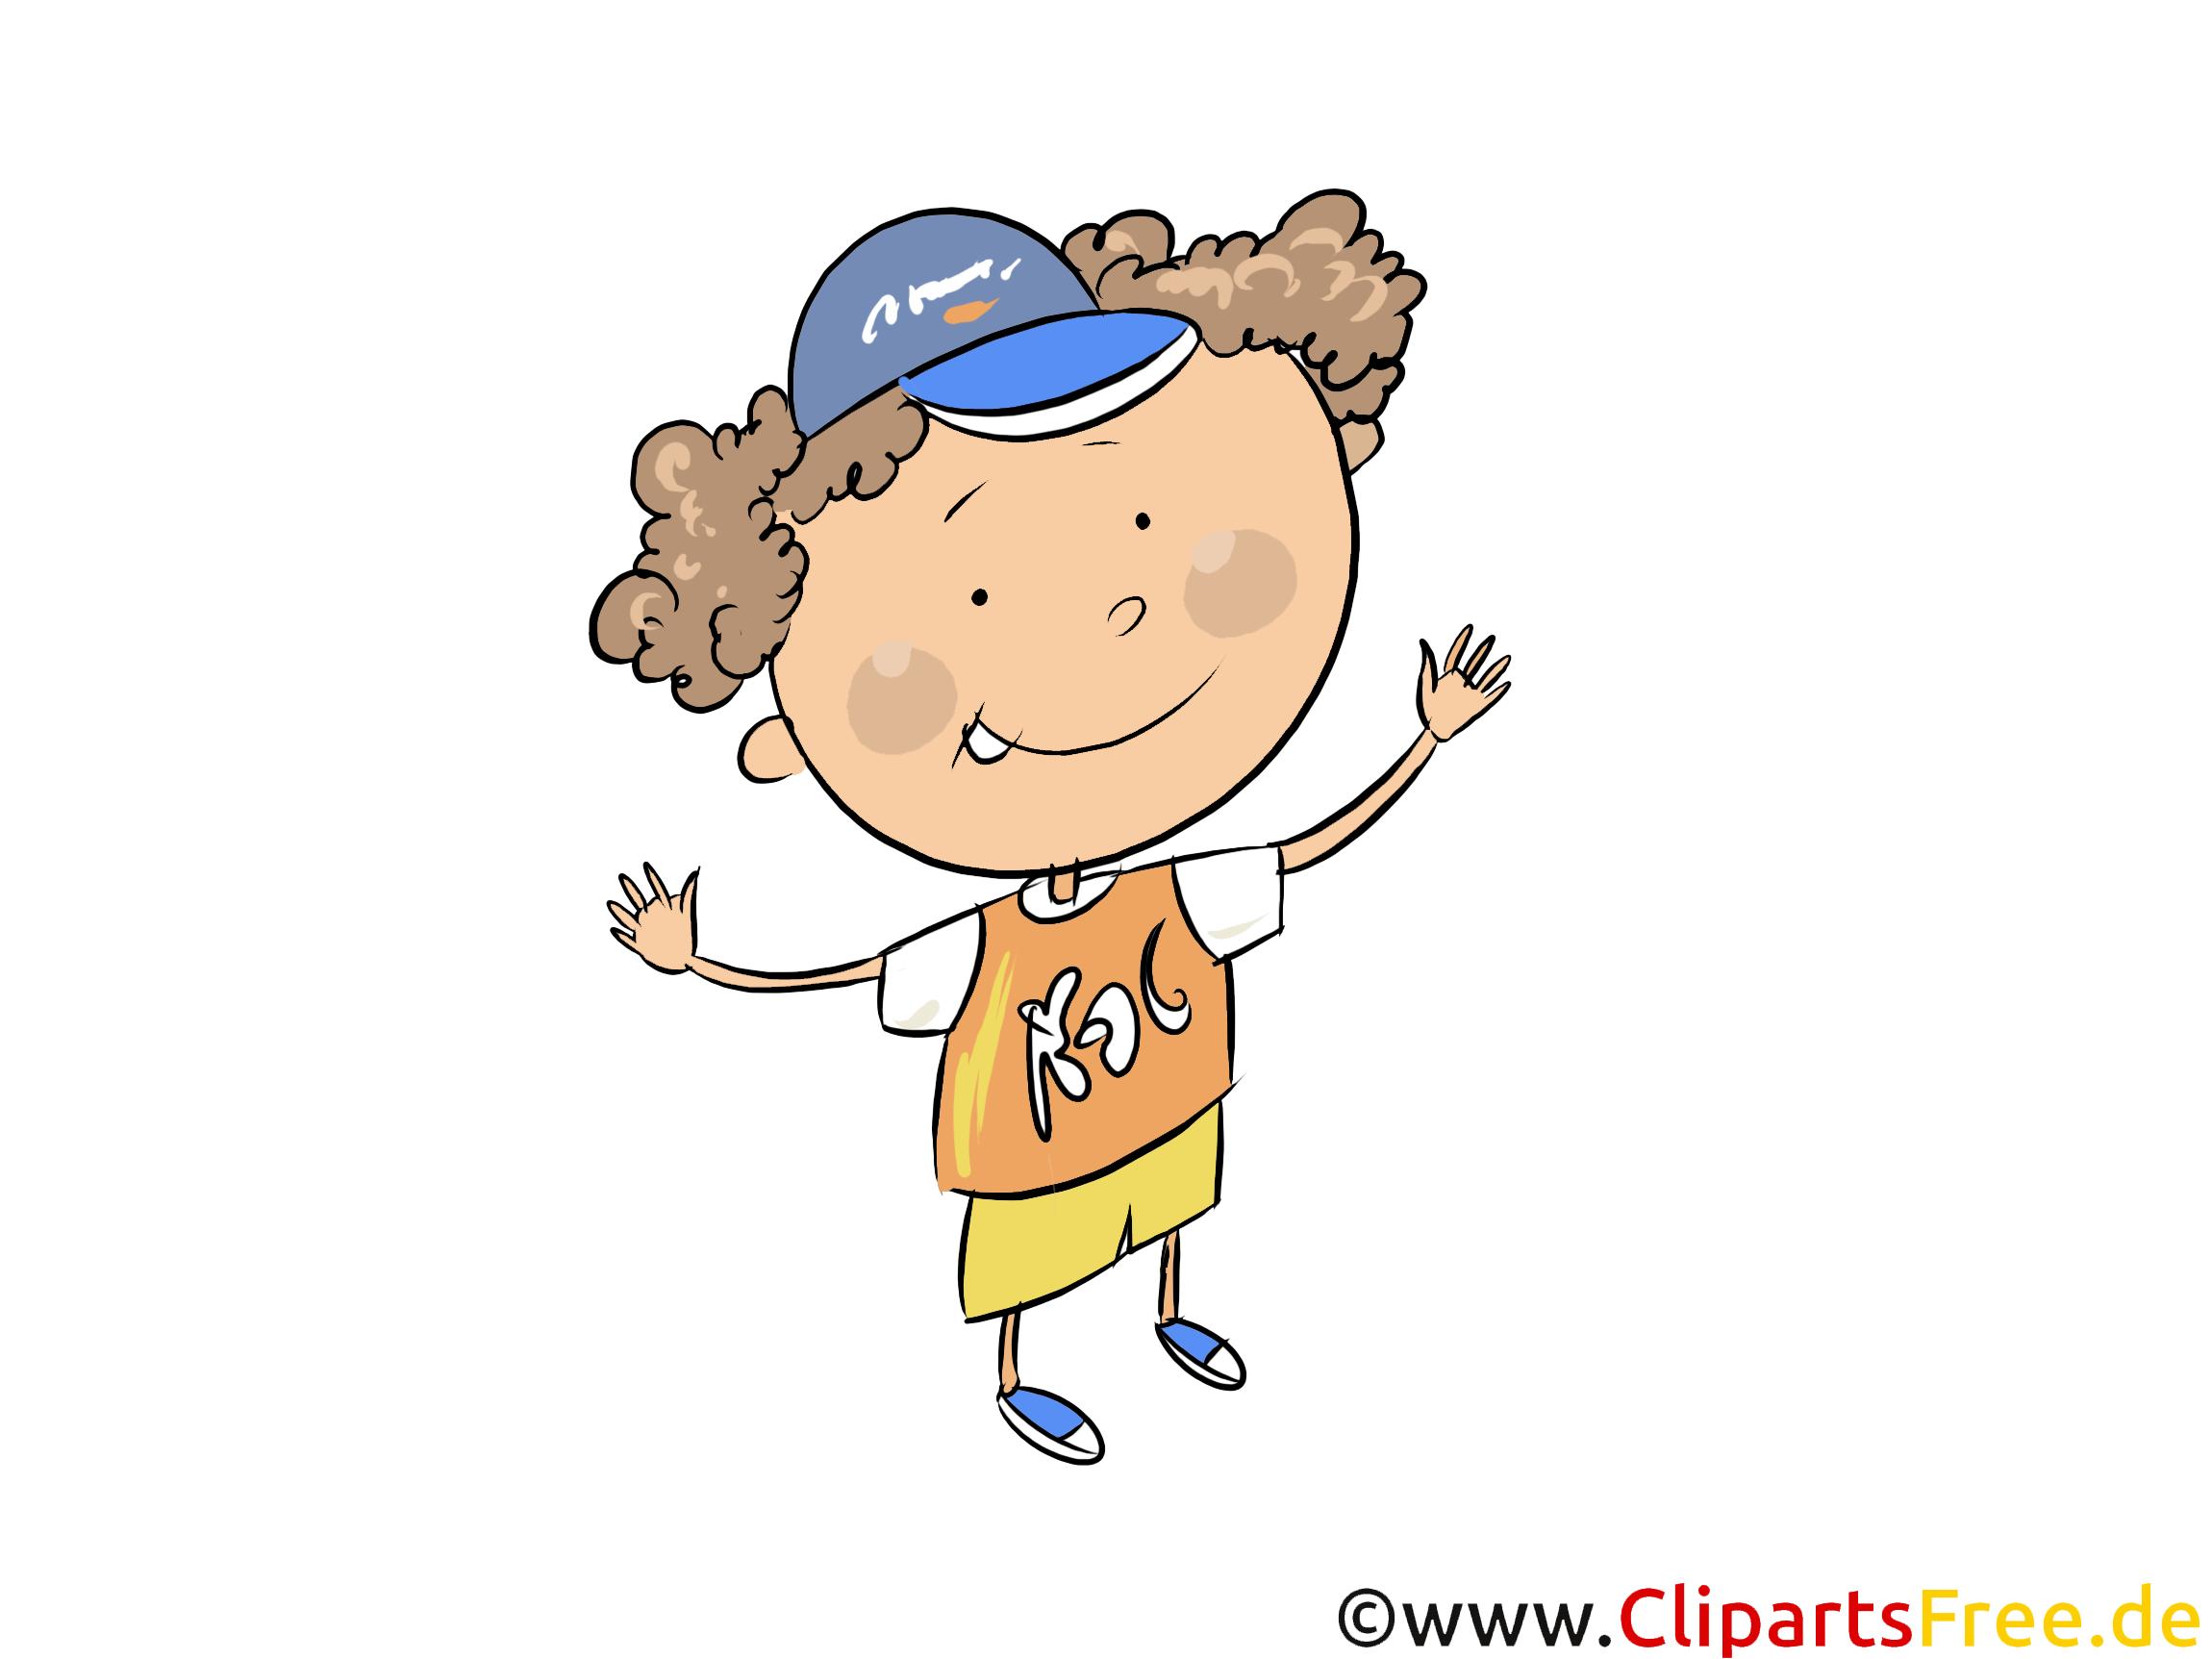 Junge in Grundschule - Kinder Cliparts